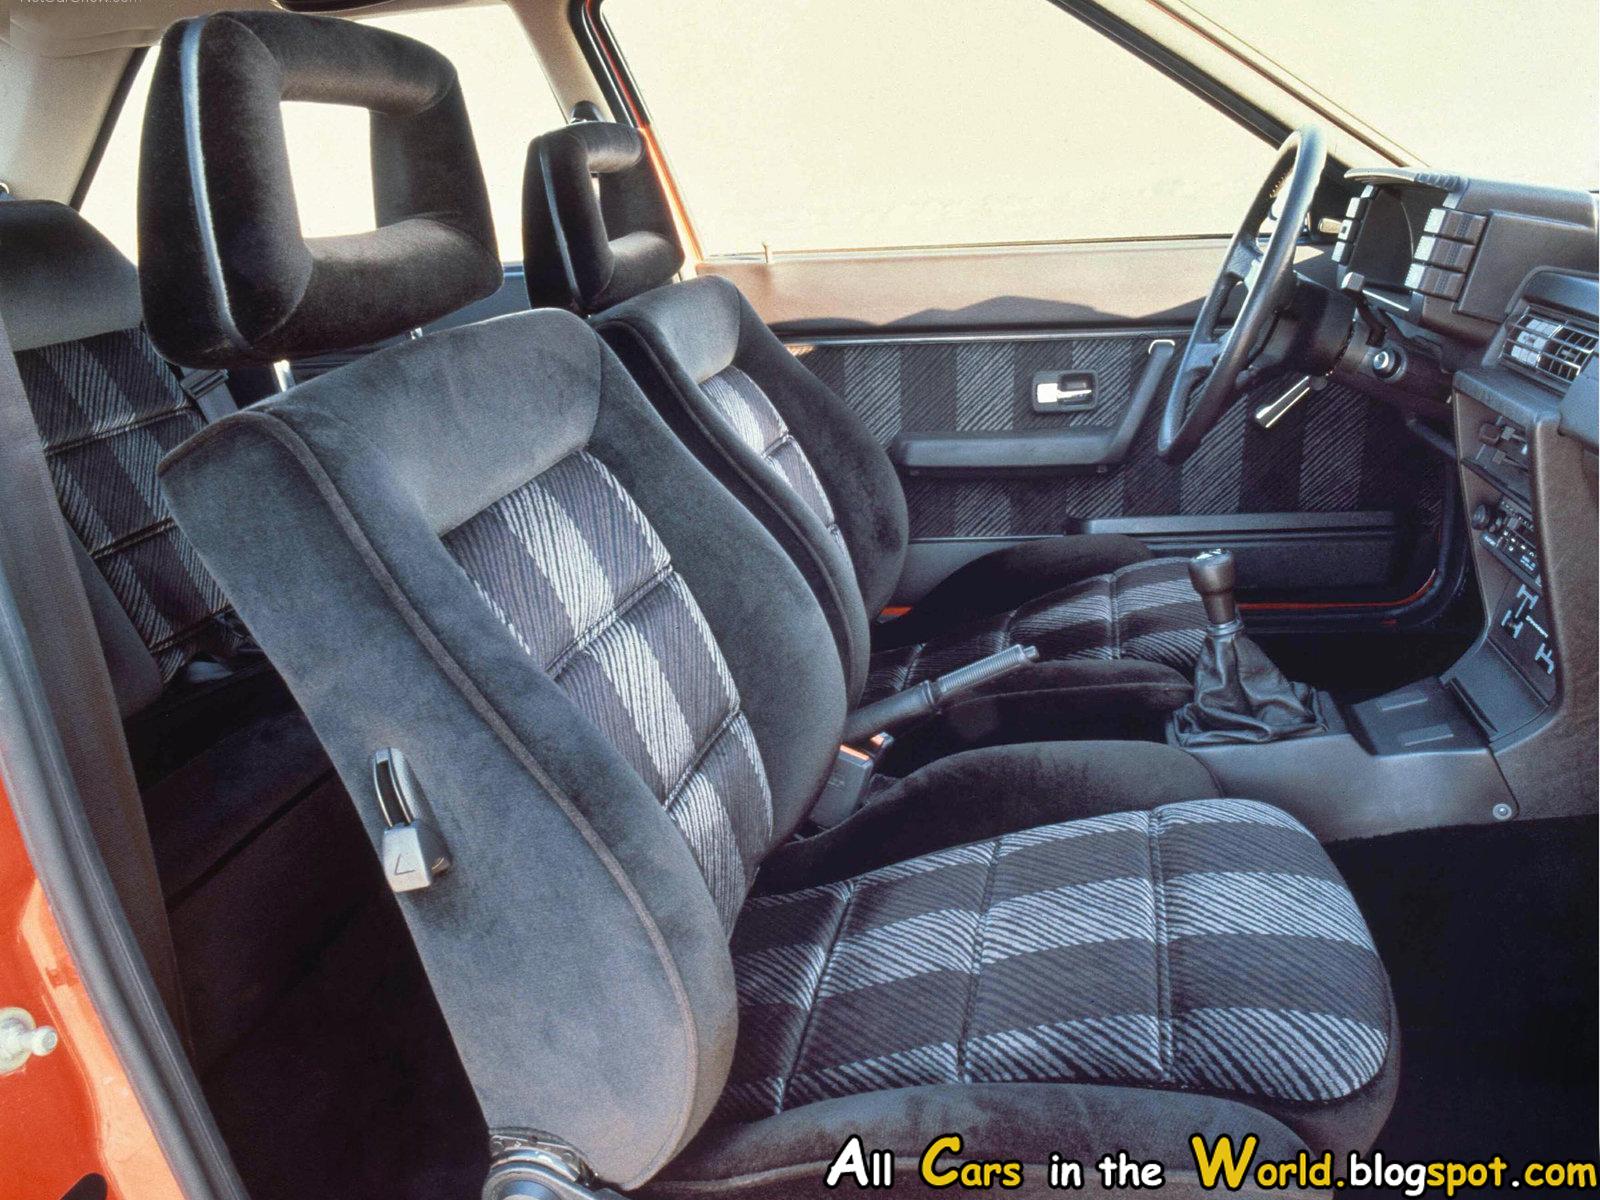 http://3.bp.blogspot.com/-rd2FElR14PQ/UEzU5ux8DWI/AAAAAAAADIk/yrp93v_xrH8/s1600/Audi-quattro_1980_1600x1200_wallpaper_04.jpg